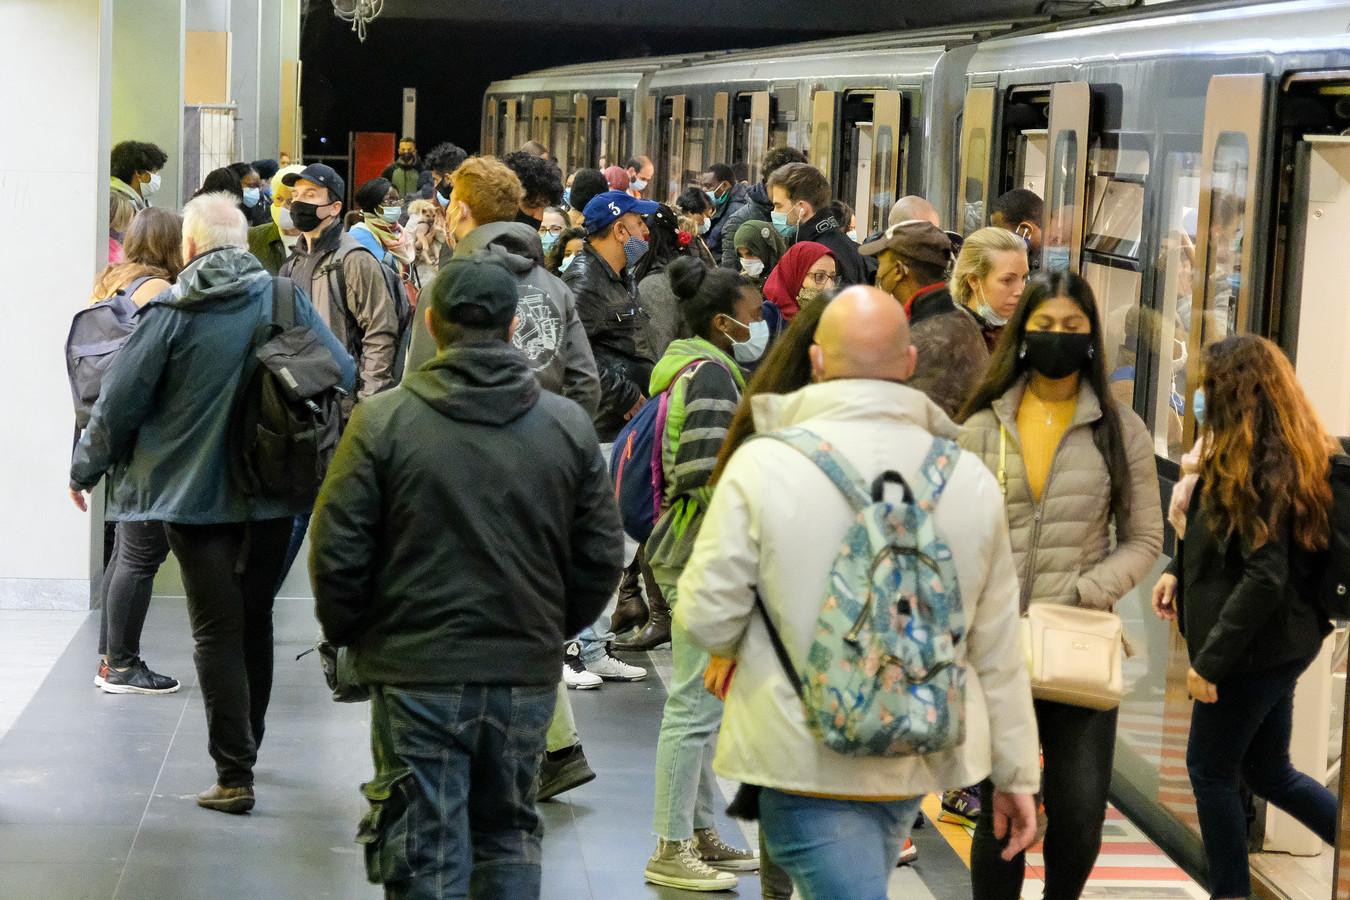 Bussen, trams en metro's die op het spitsuur overvol zaten, zijn eerder een uitzondering volgens de MIVB.